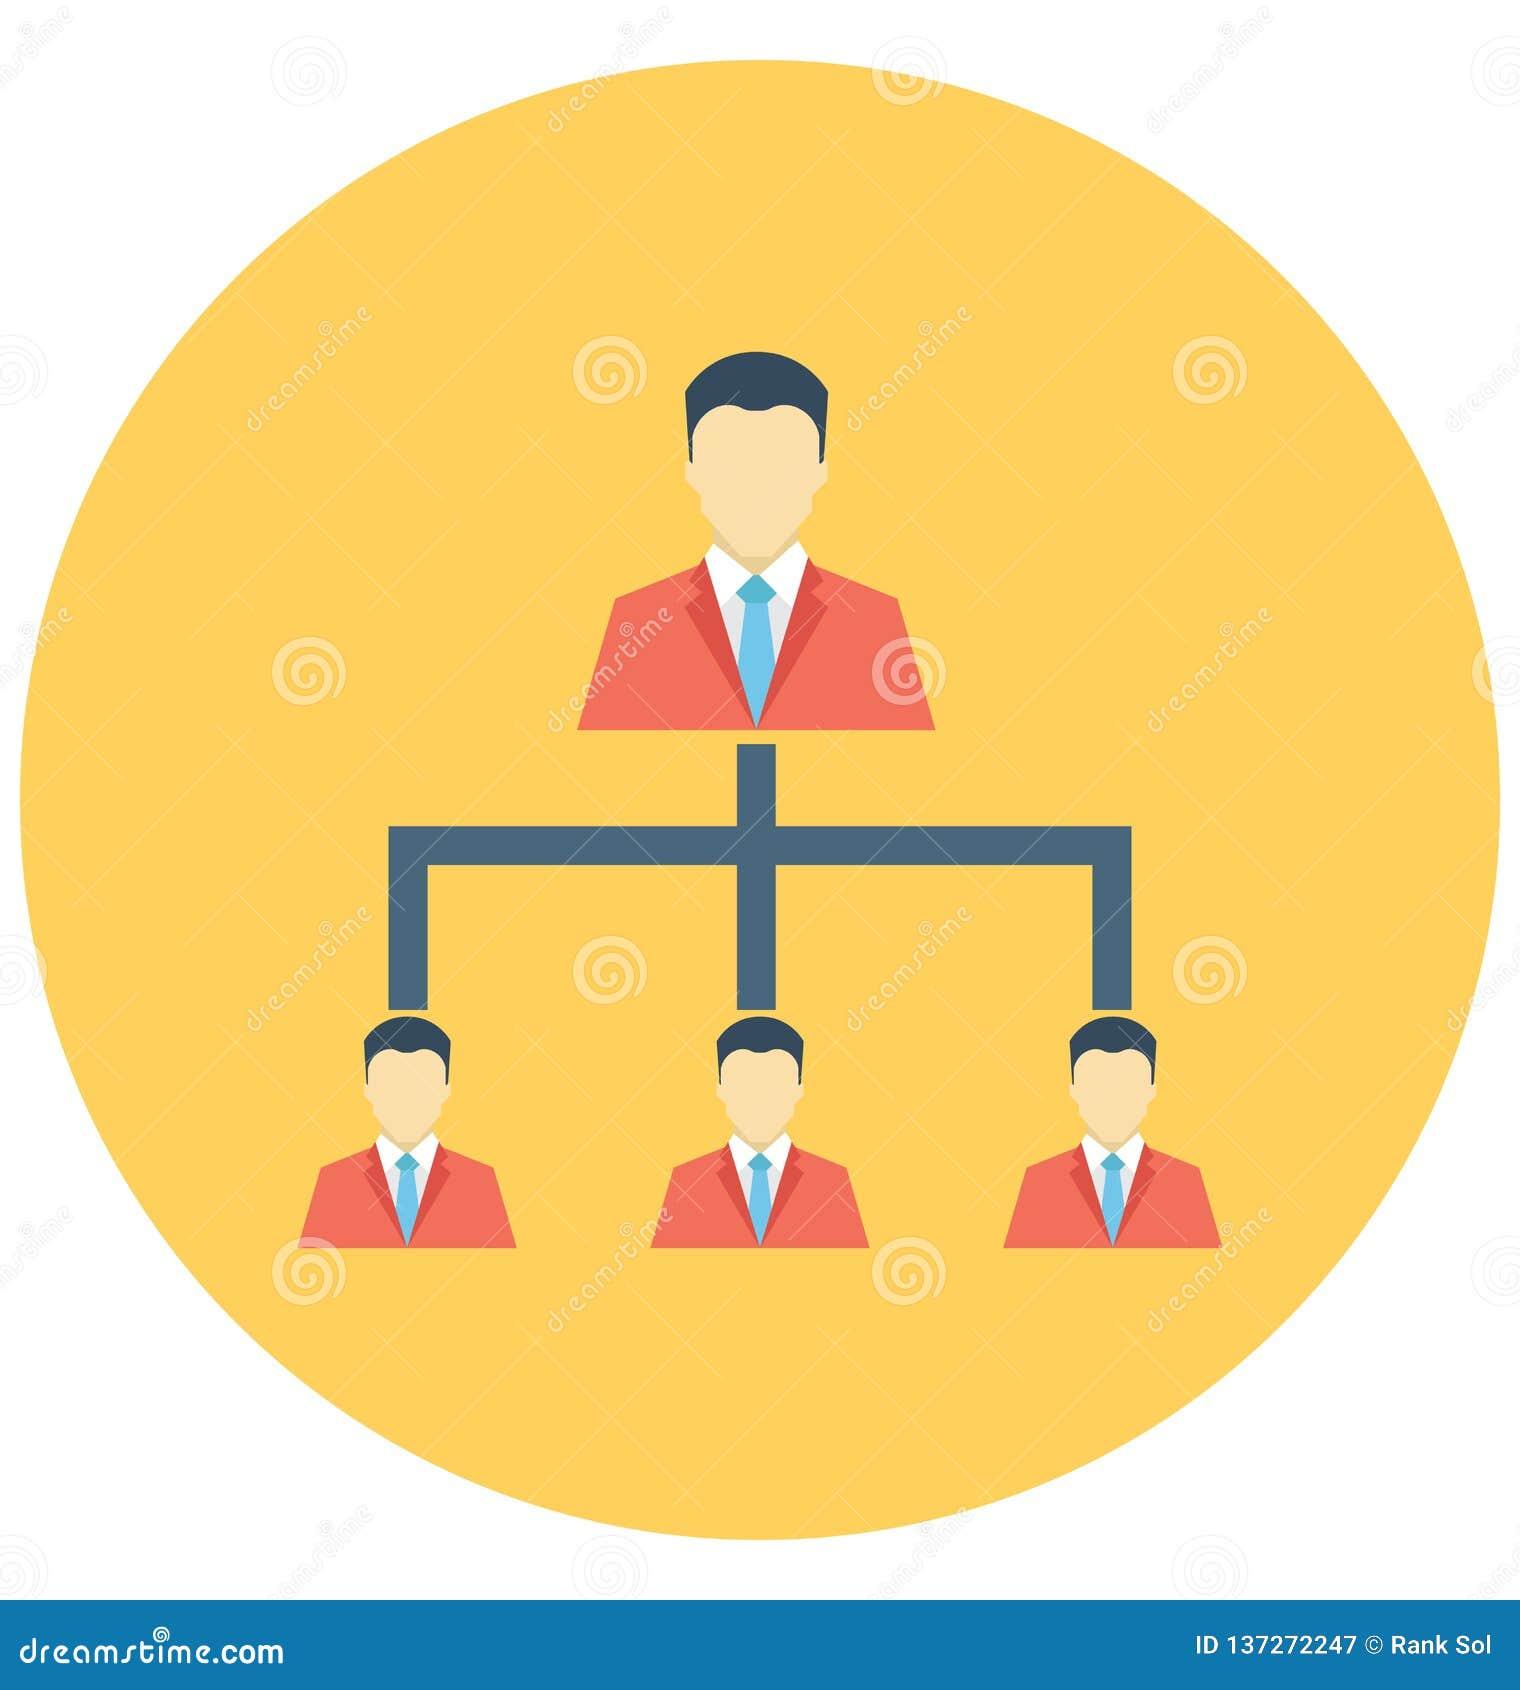 Команда Команды Иерархии, Компании изолировала значок вектора который можно легко доработать или редактировать